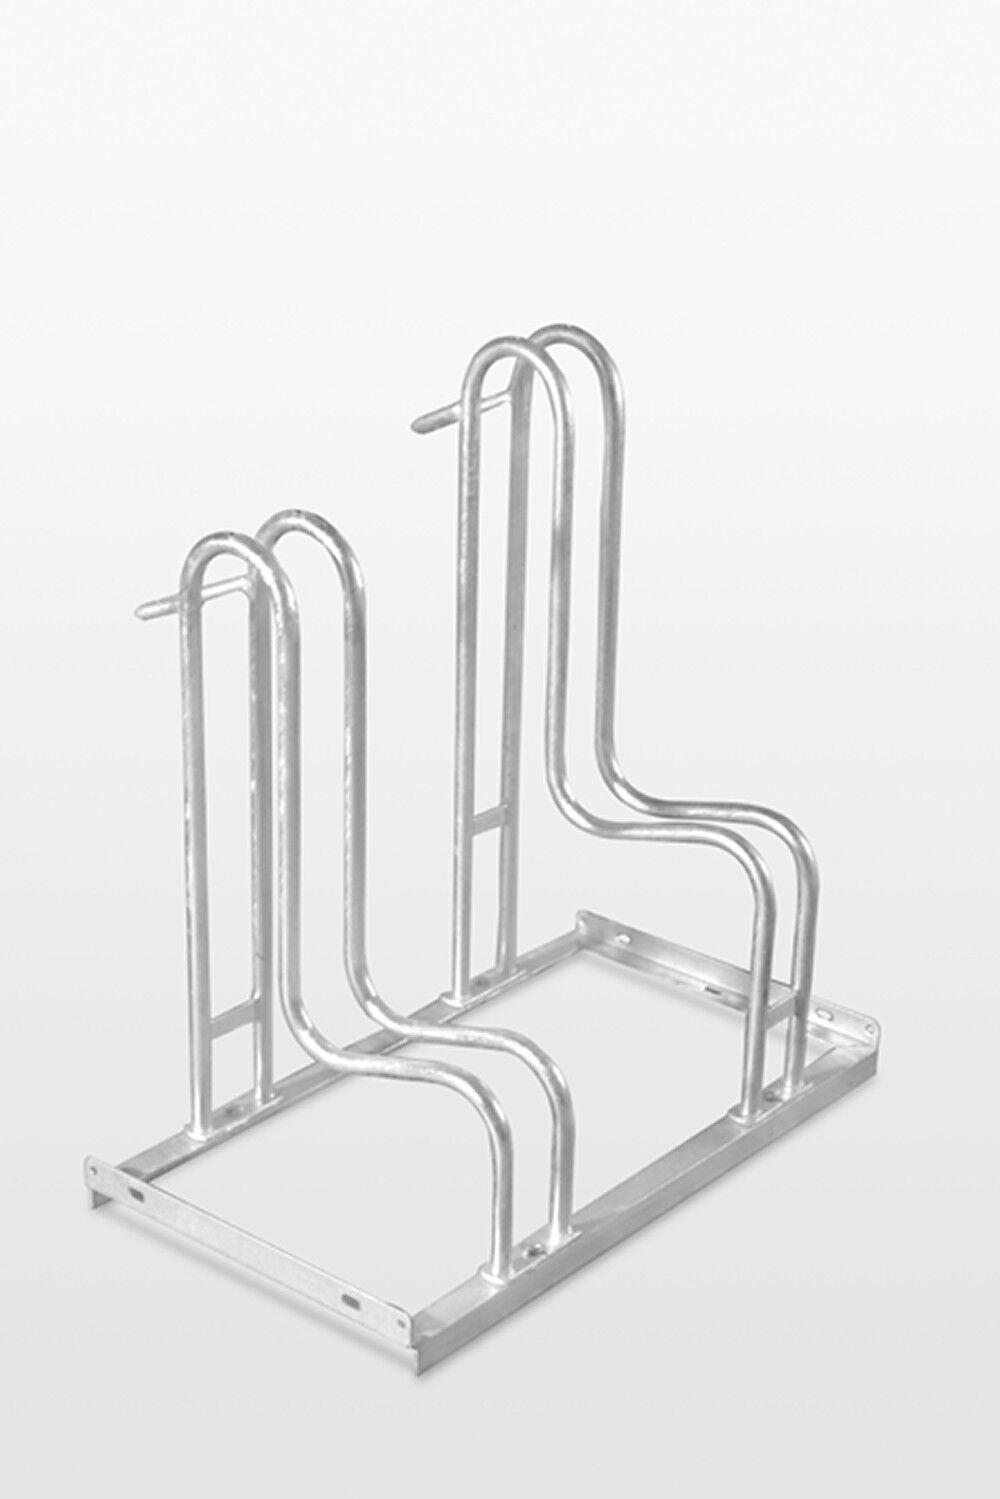 Fahrrad Ständer Fahrradständer Reihenparker ARIZONA 2 3 4 oder 6 Stellplätze